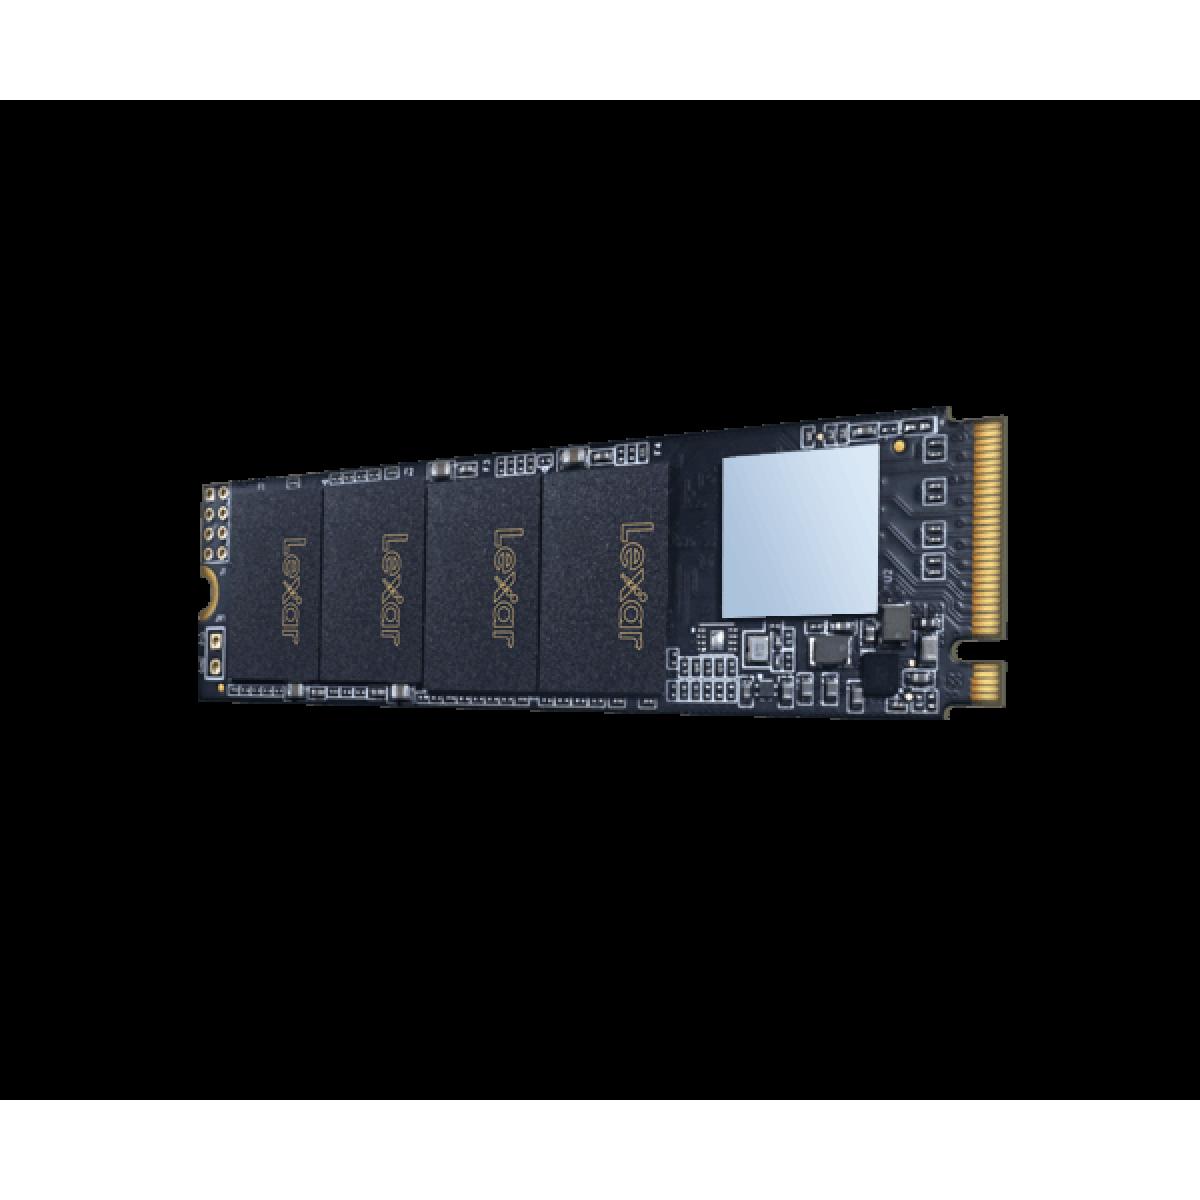 SSD Lexar NM610, M.2 NVMe, 250GB, Leitura 2000 MB/s e Gravação 1200 MB/s, LNM610-250RBNA